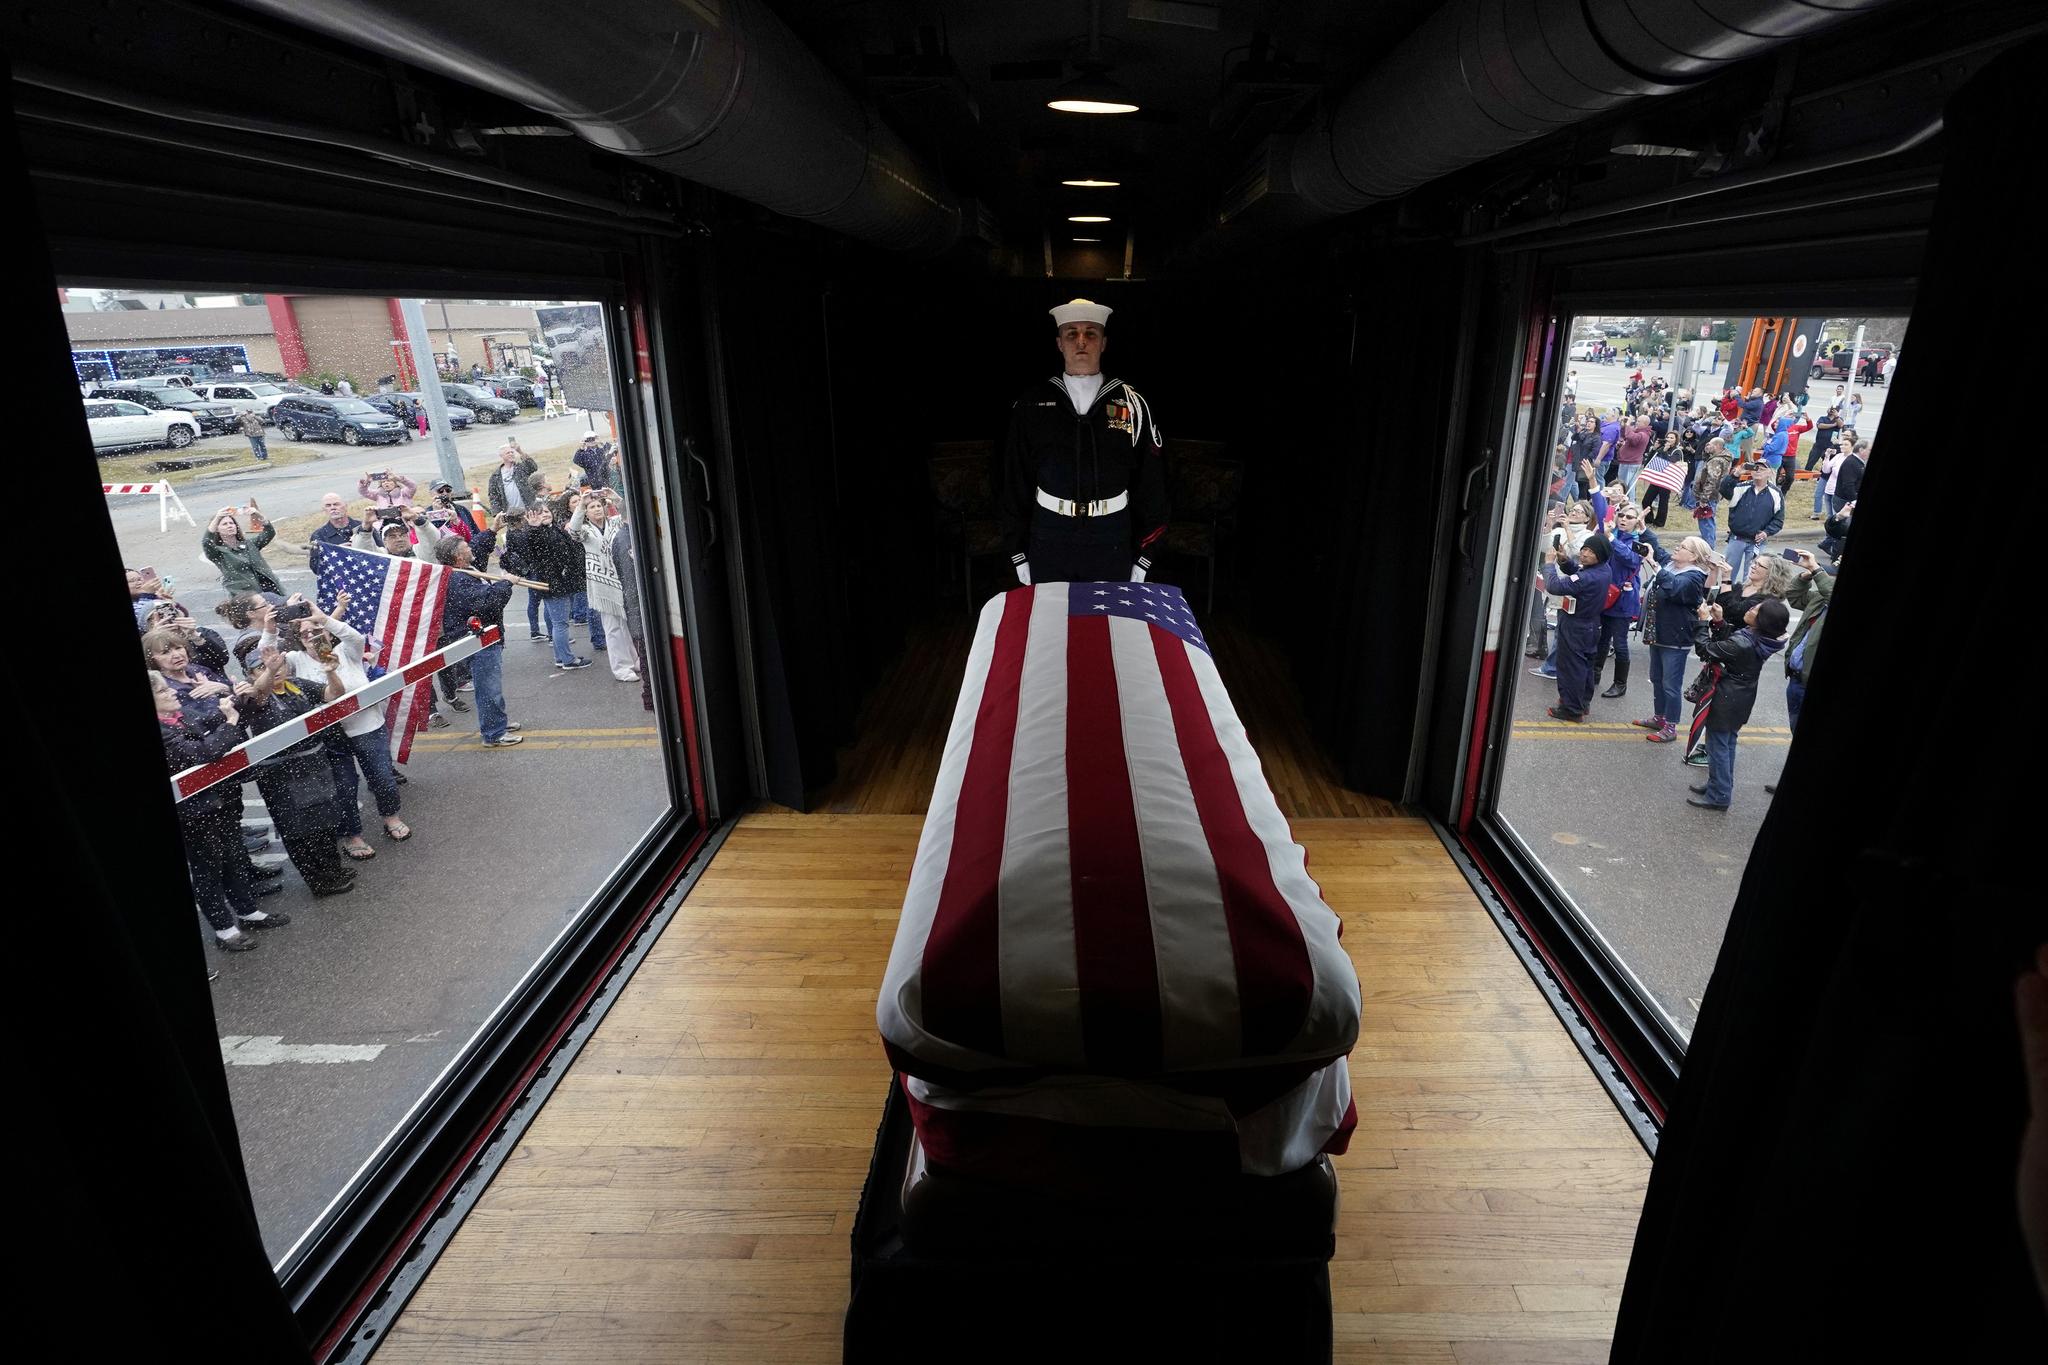 2018년 12월6일 성조기로 감싼 조지 H.W. 부시 전 대통령의 관이 열차에 실려 텍사스 매그놀리아를 지나고 있다. [AP=연합뉴스]